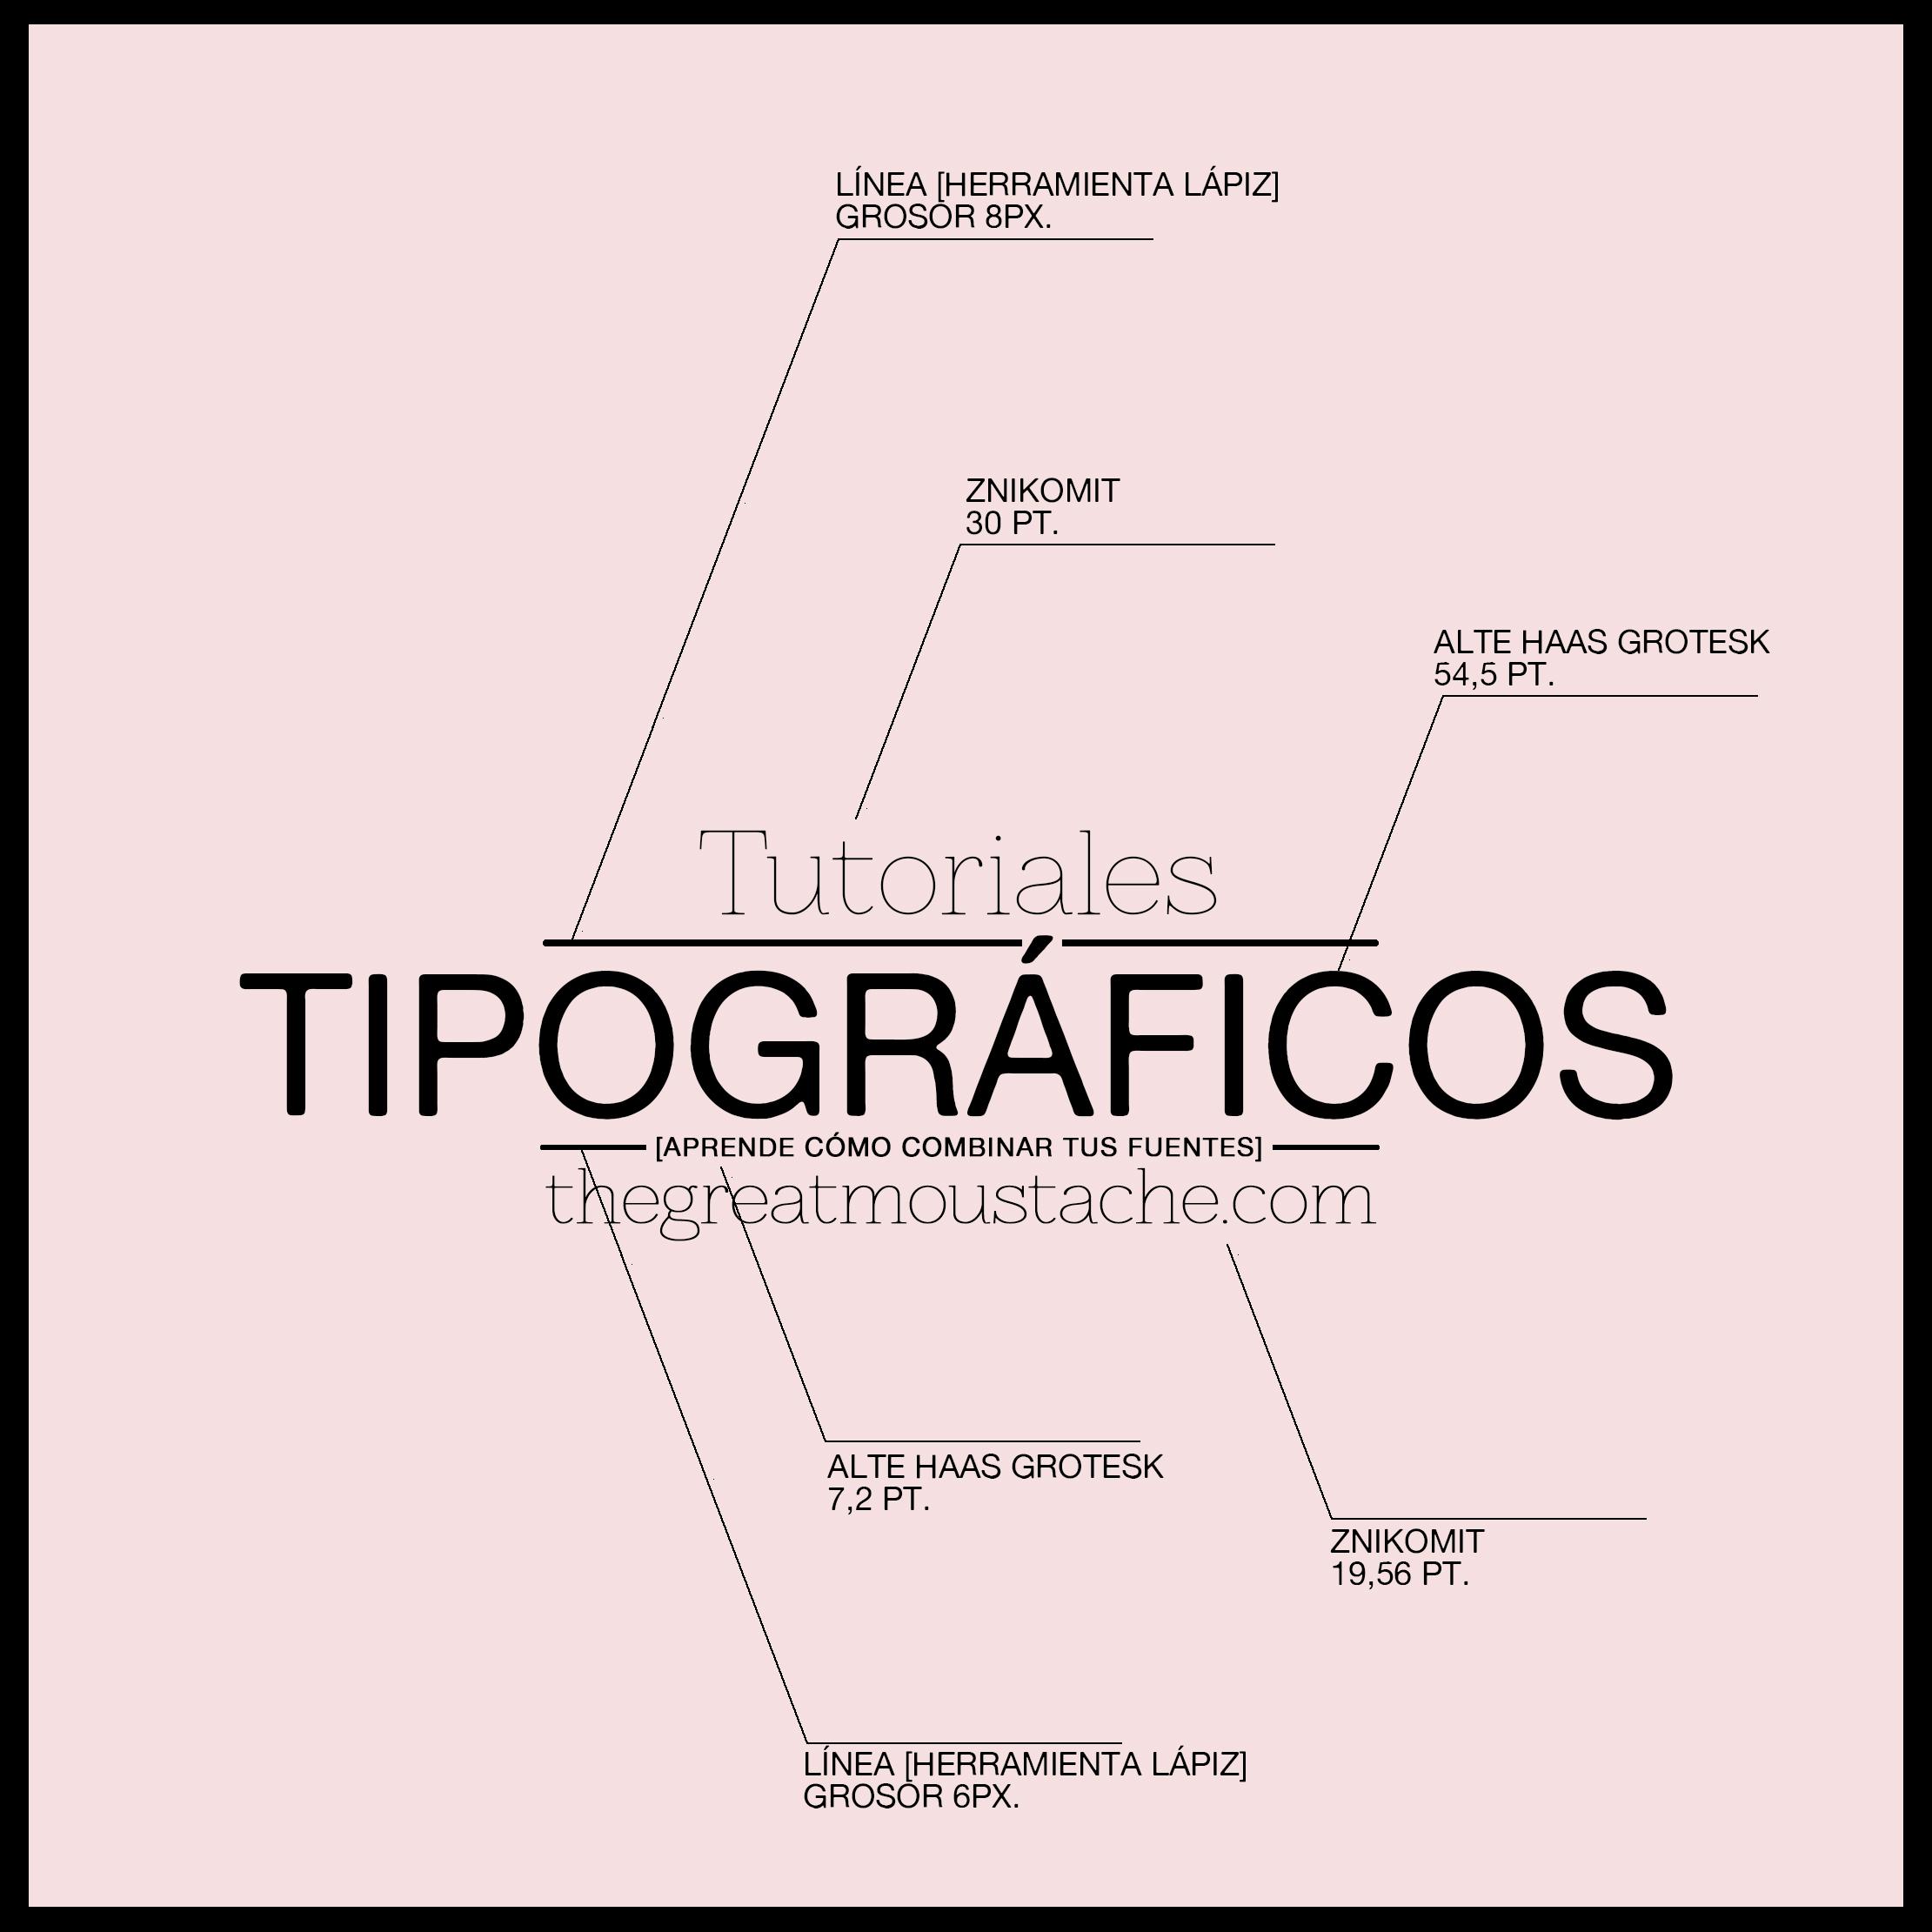 ejercicio tipográfico 2